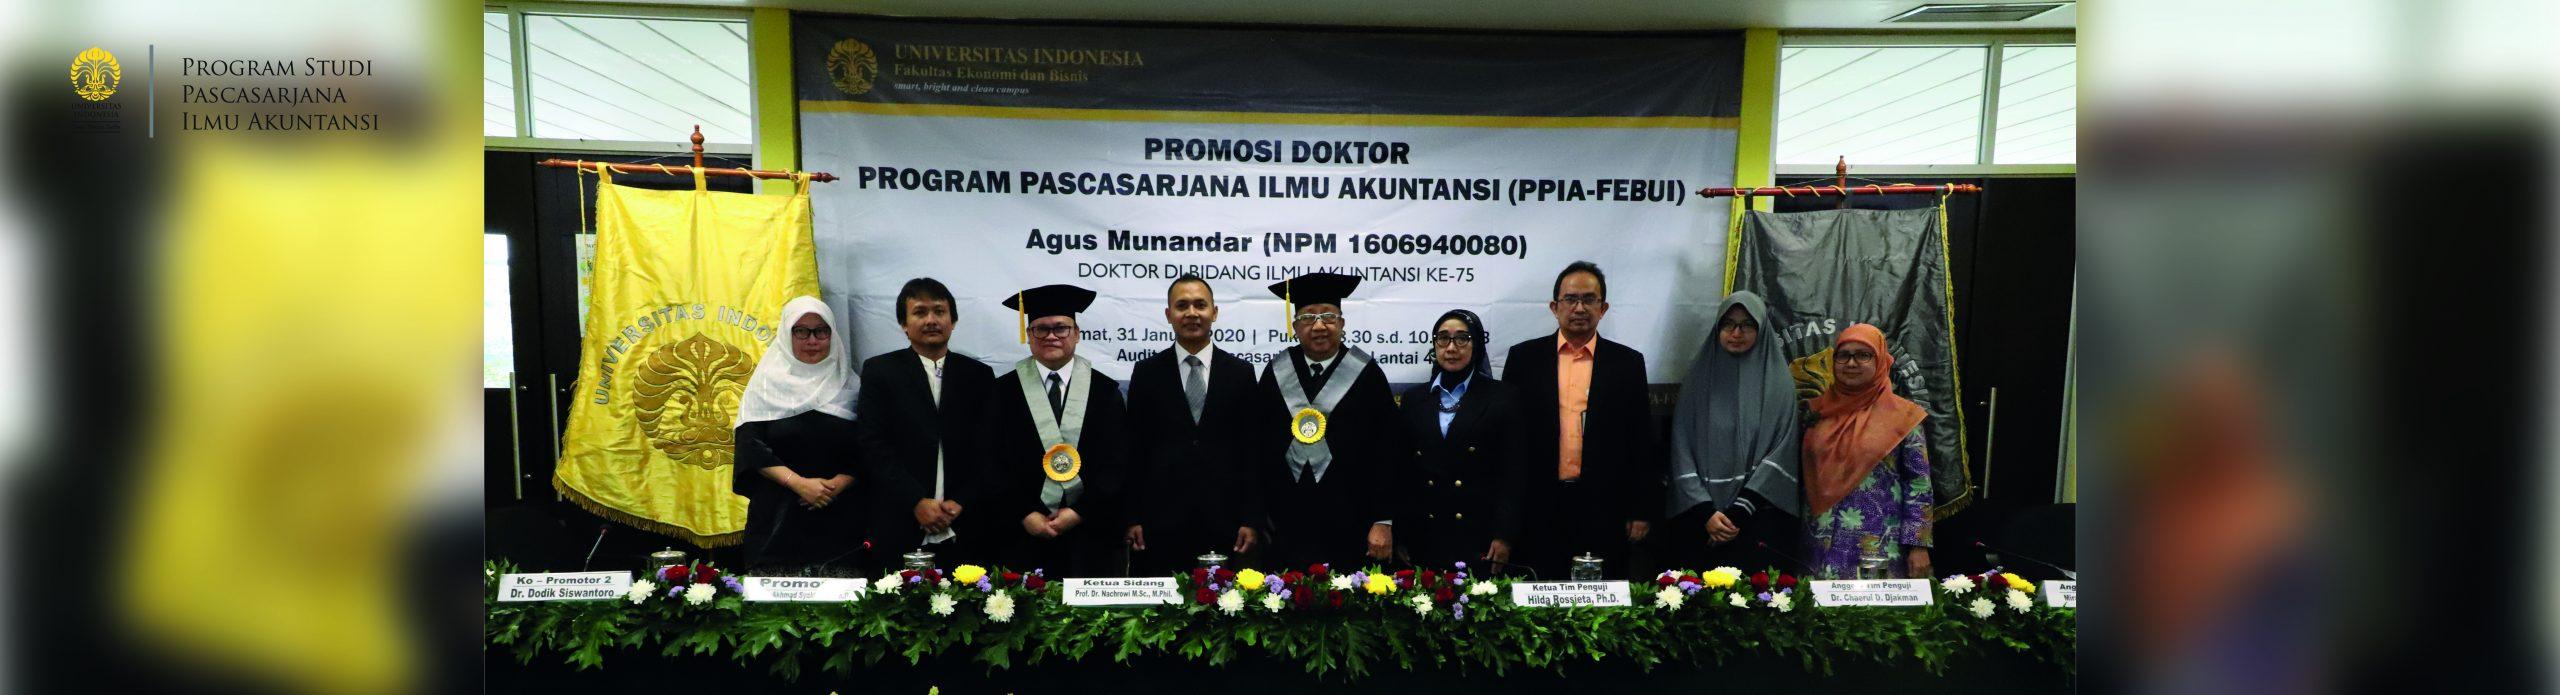 Promosi Doktor Agus Munandar